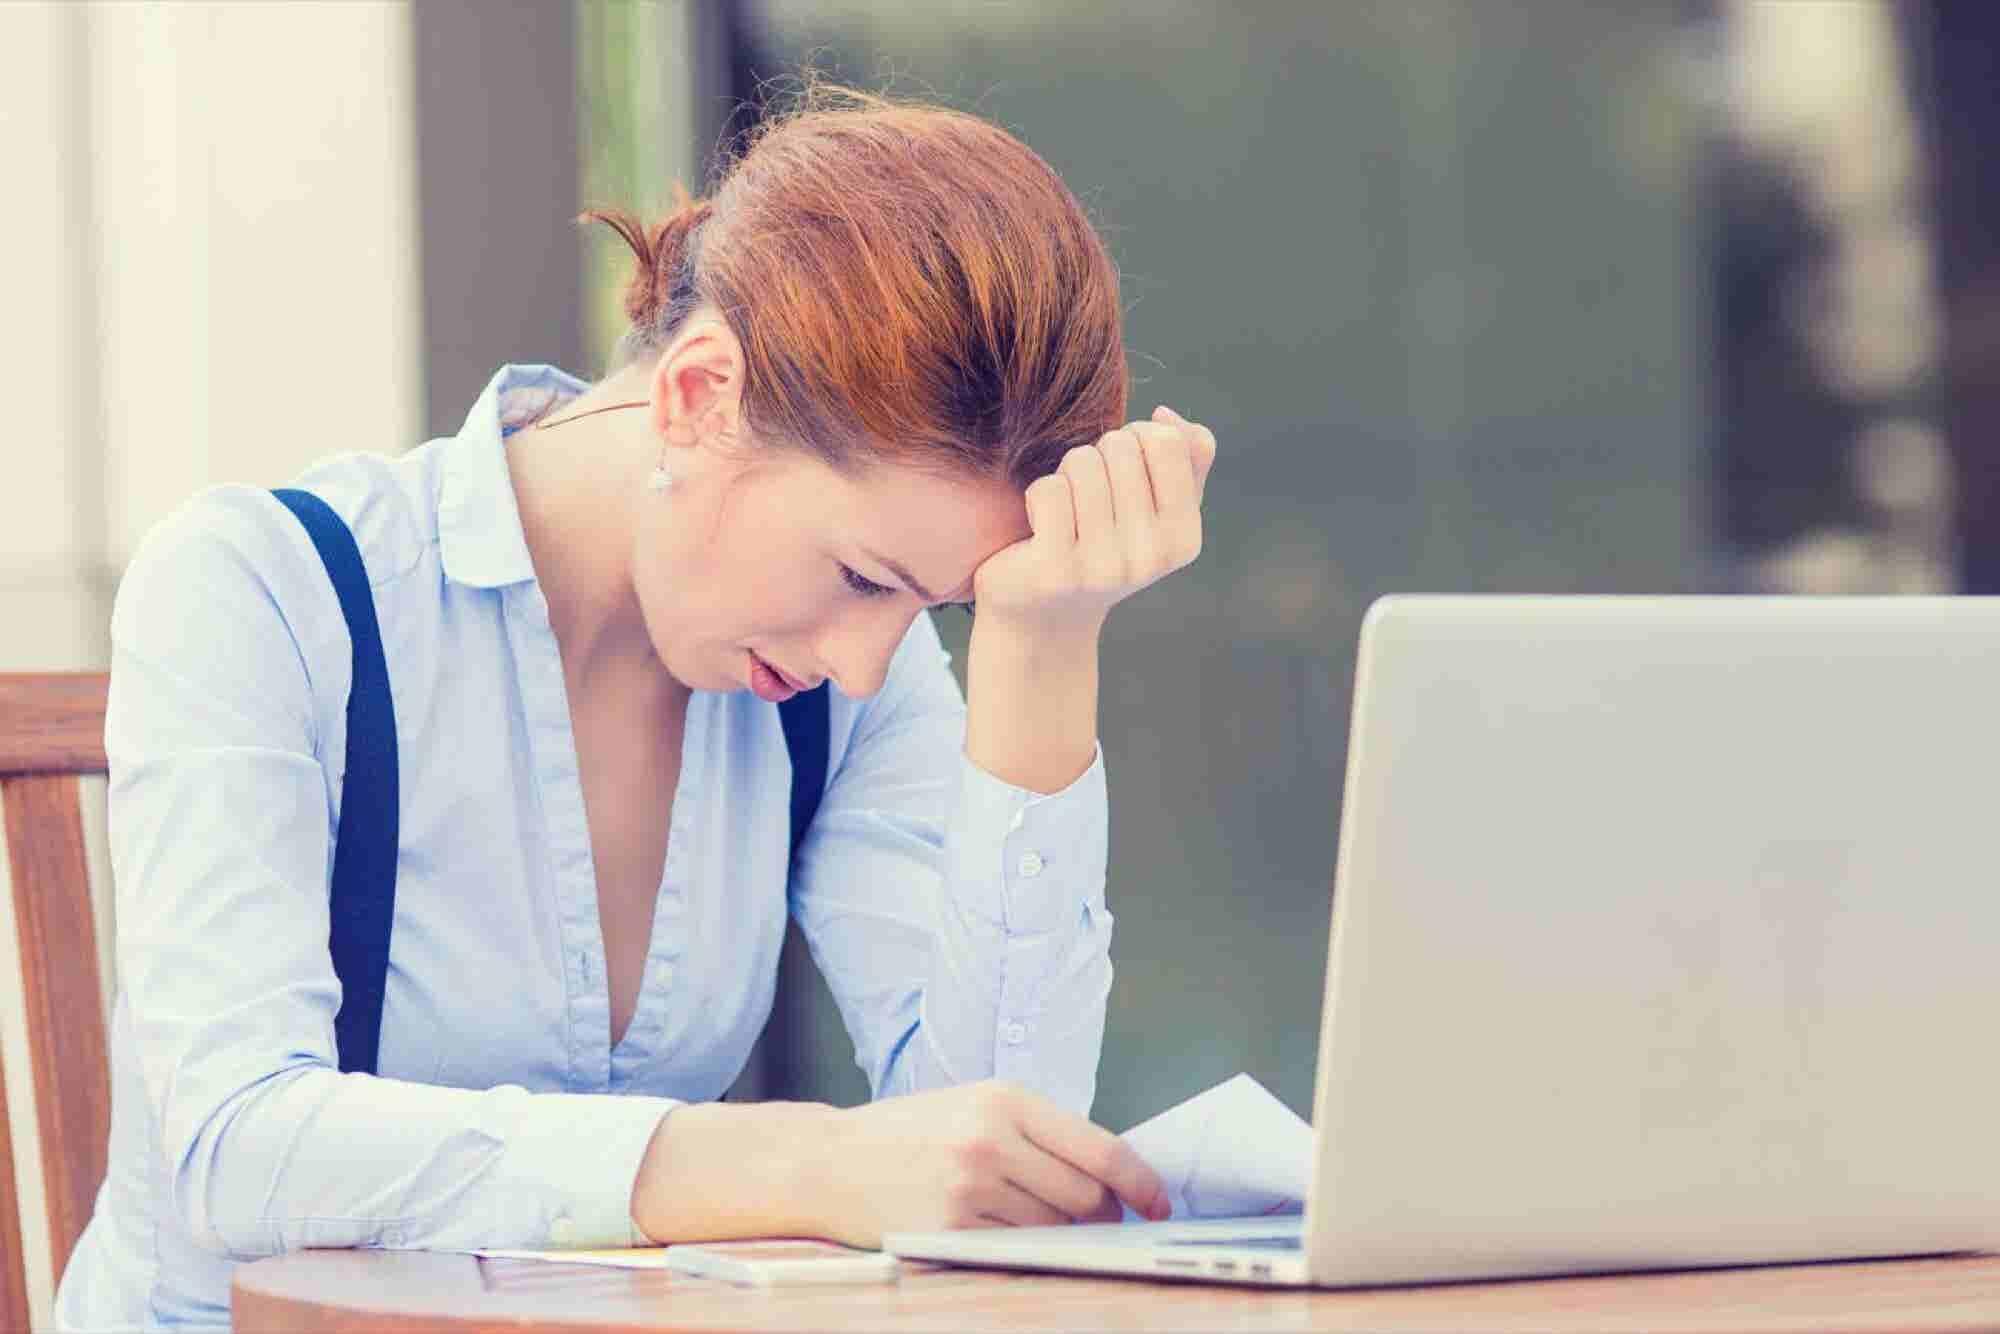 10 horribles hábitos que estás haciendo ahora mismo y que drenan tu en...